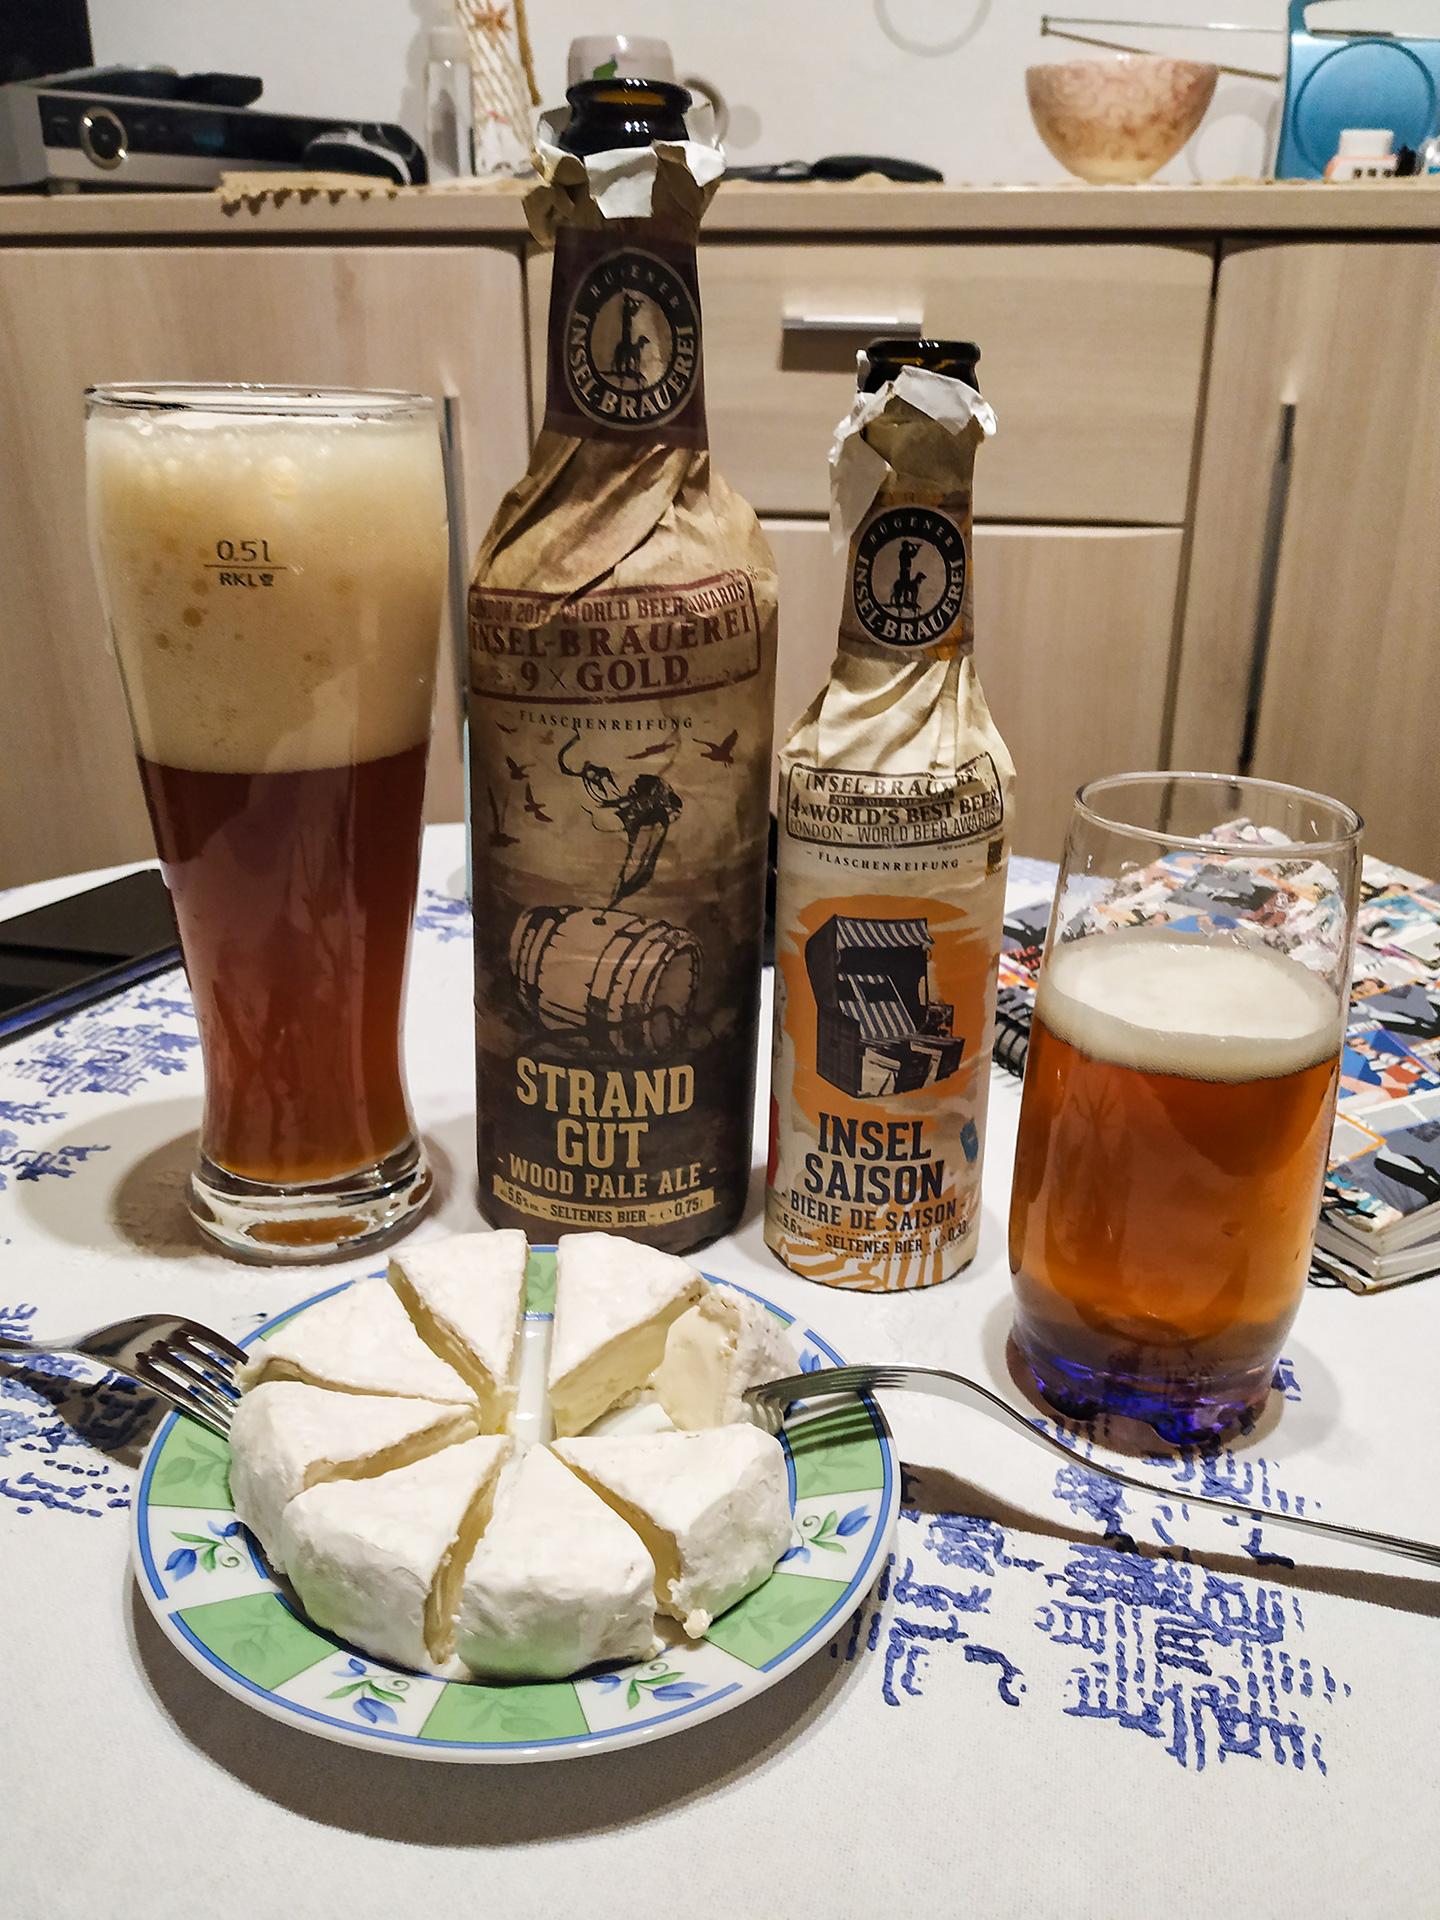 Piwo na wynos ;) Oba bardzo smaczne. Z dodatkiem własnoręcznie zrobionego camemberta :)